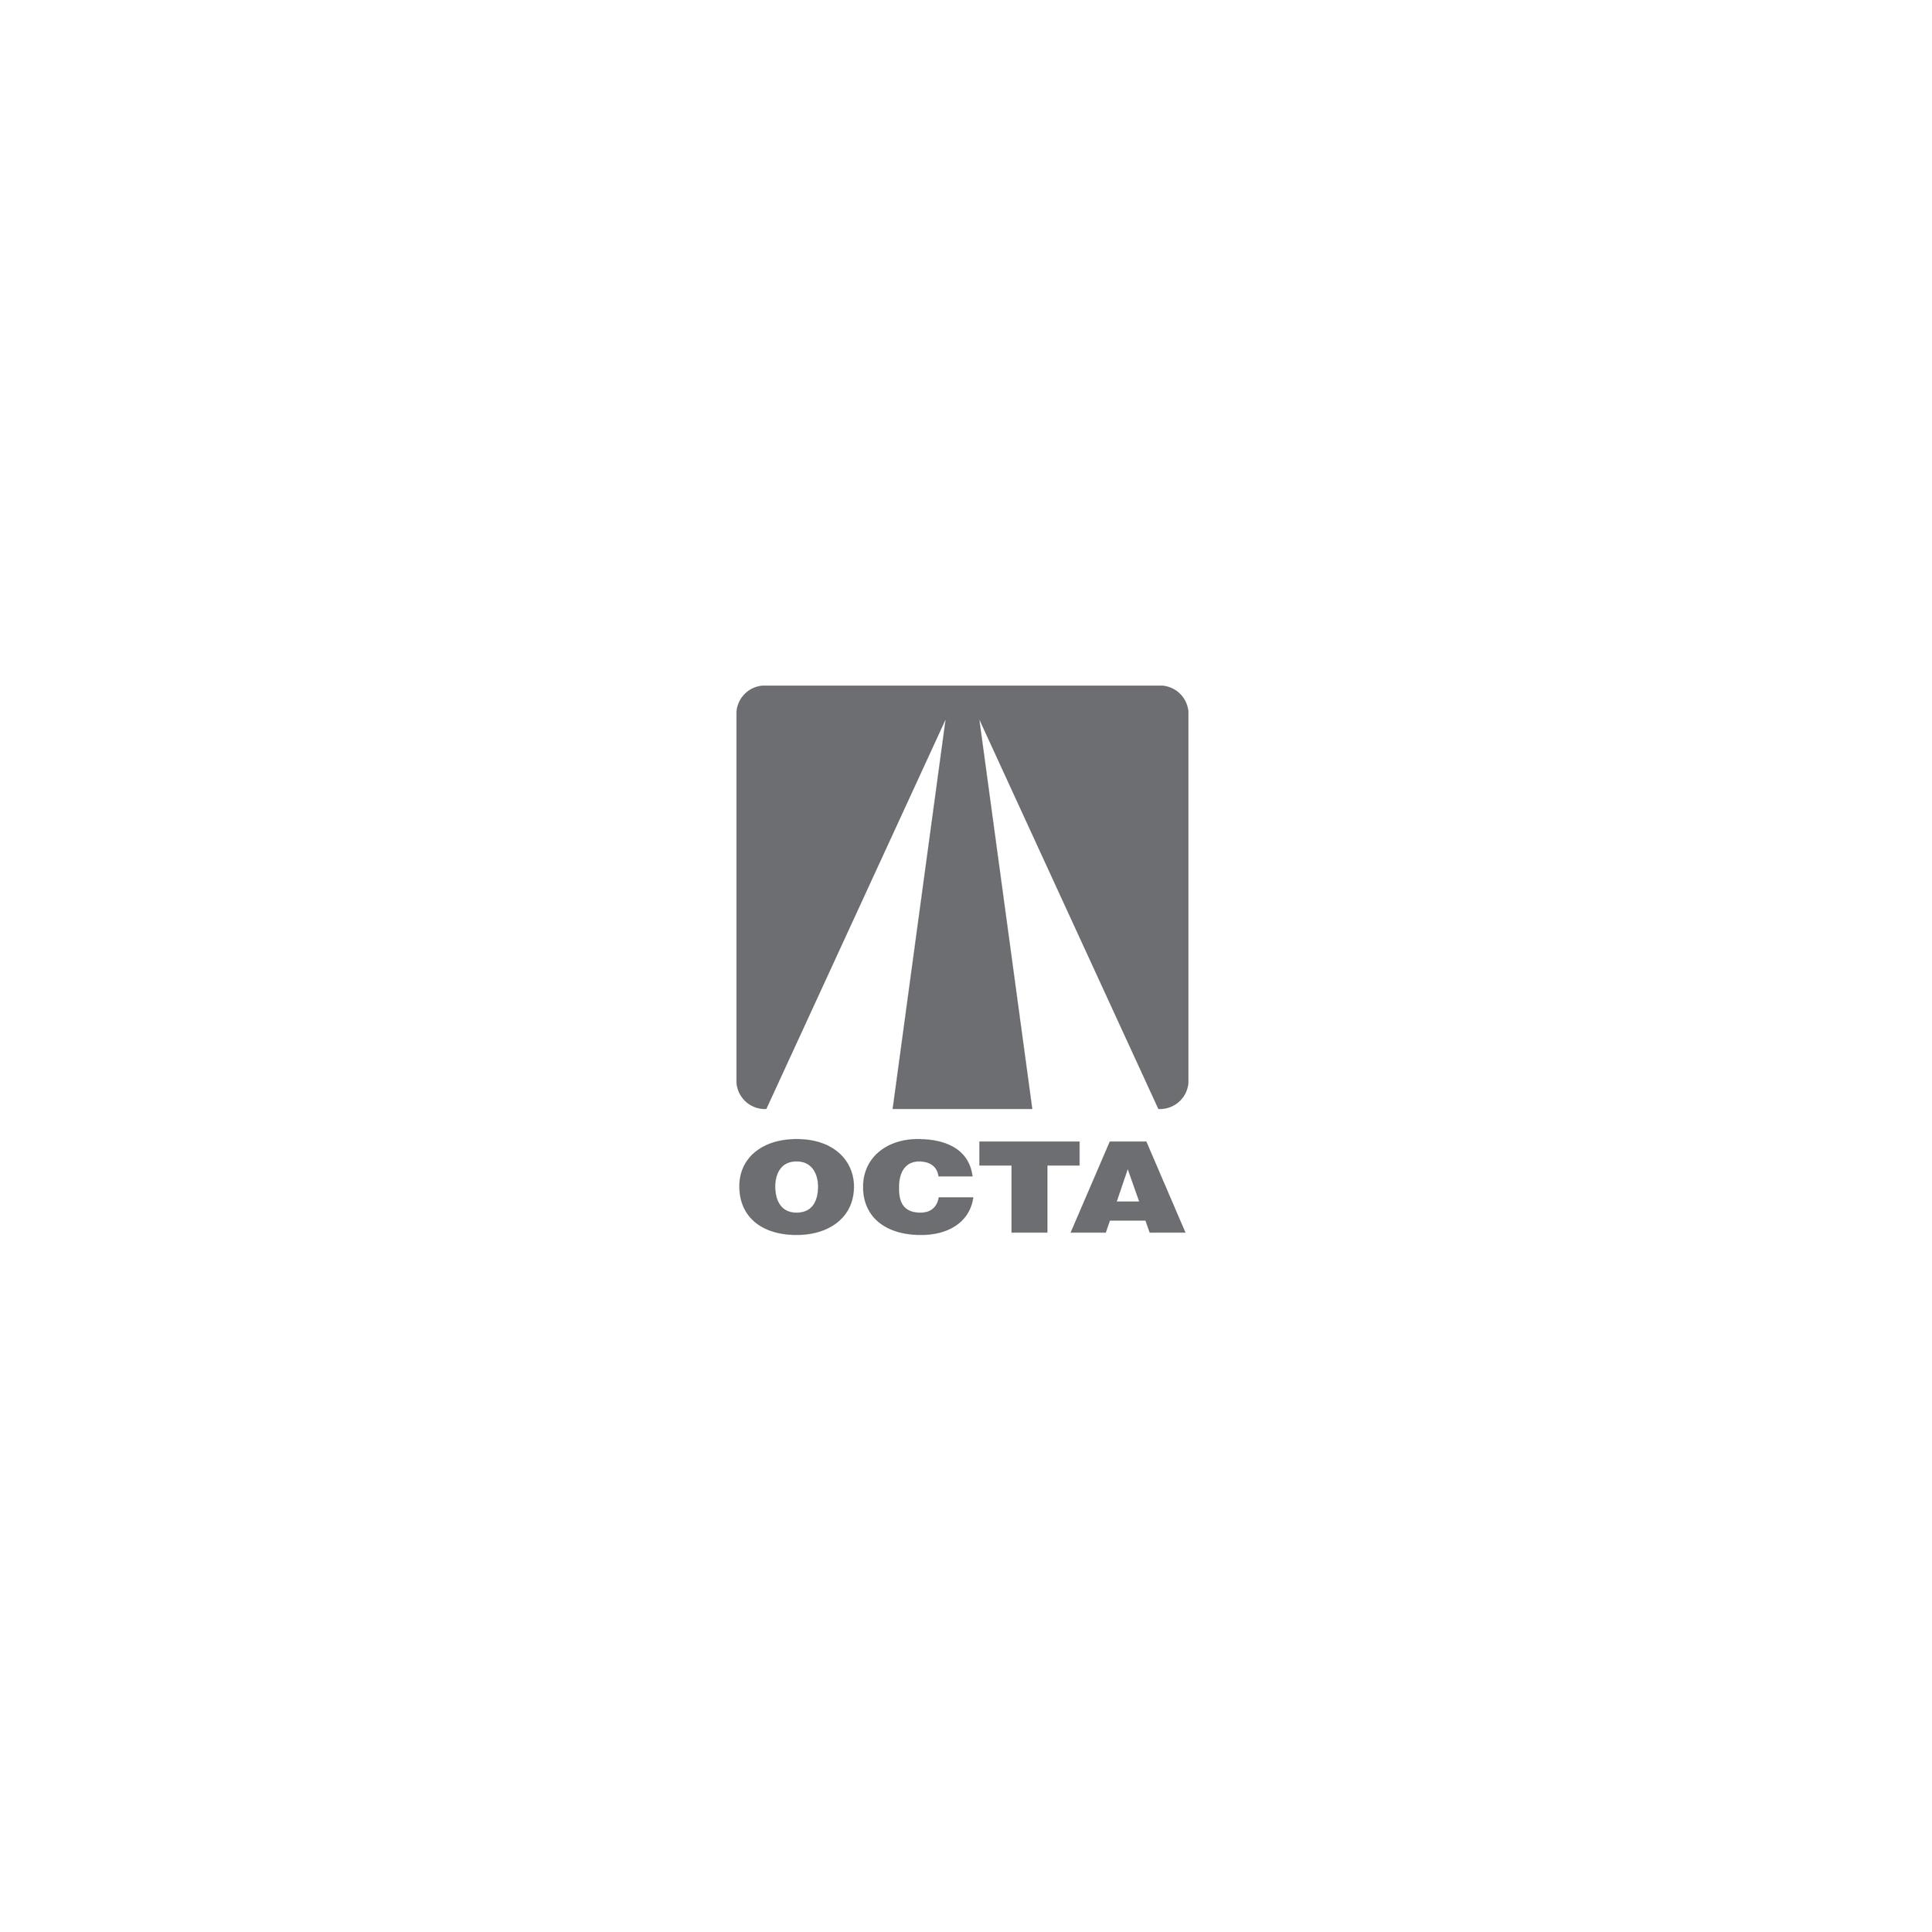 Logo-21-OCTA.jpg